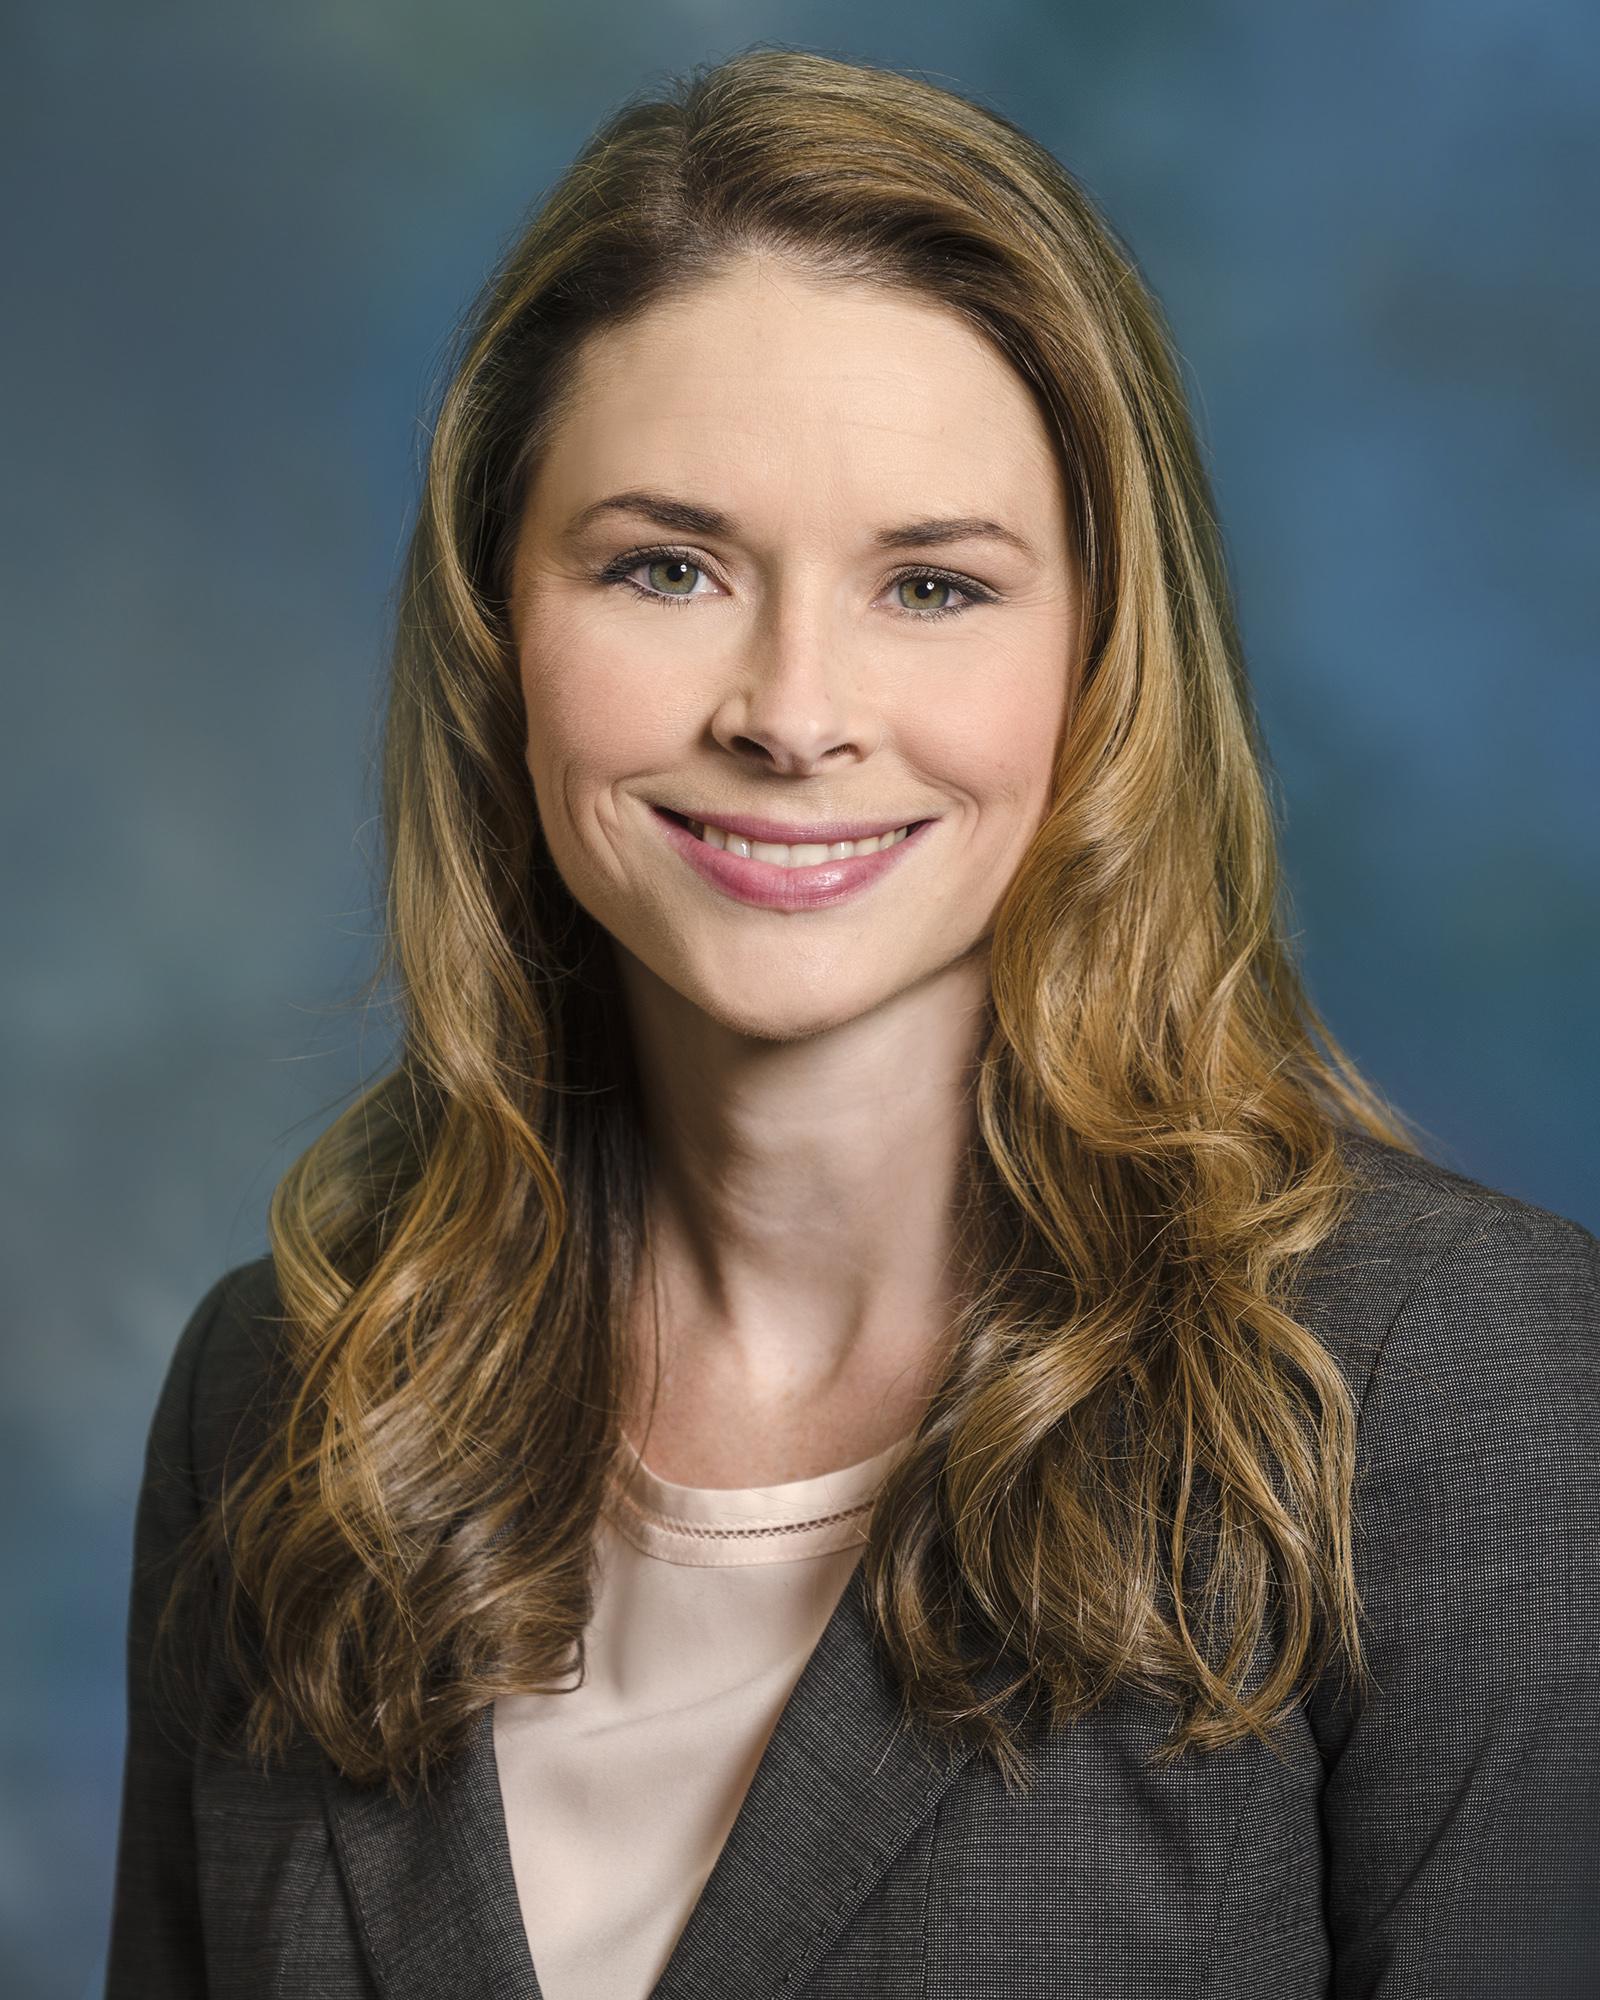 Dr. Brooke Edwards